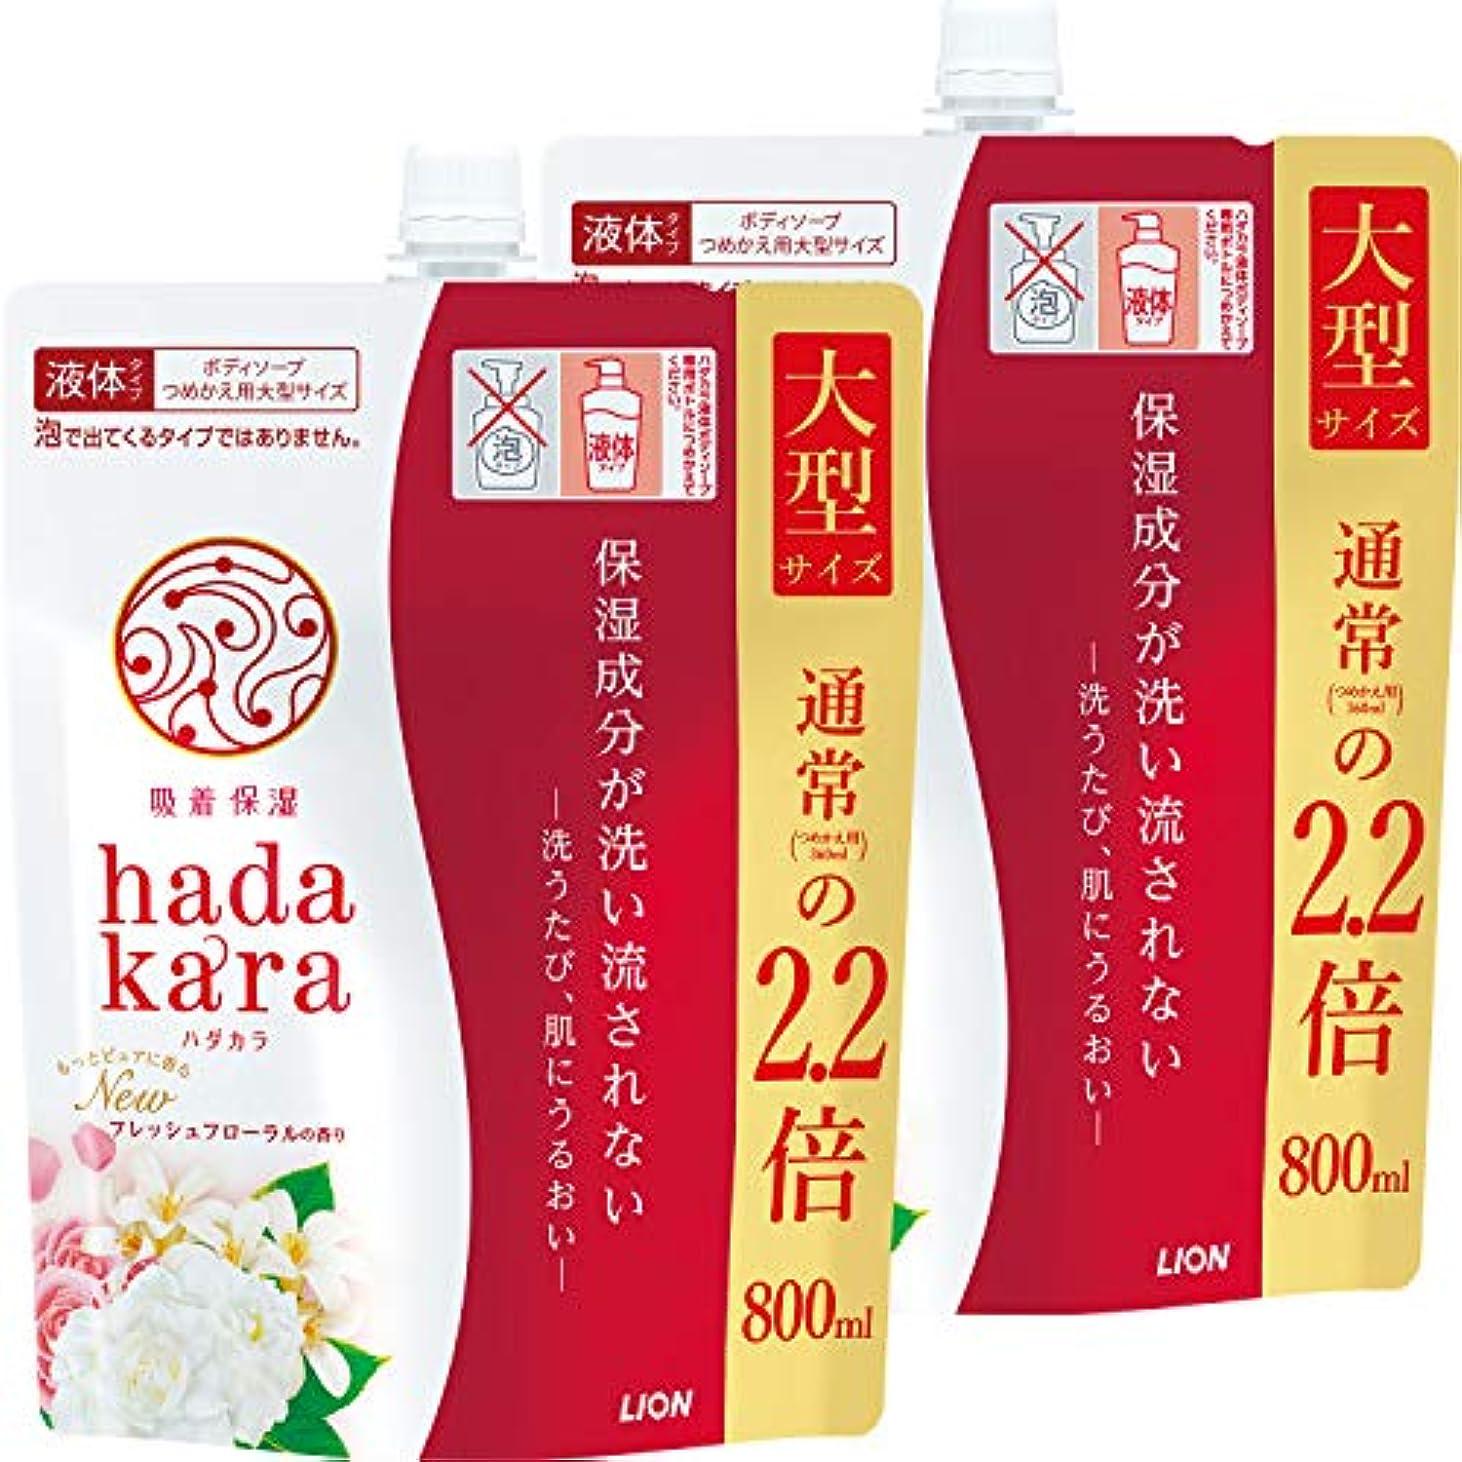 天窓紀元前歌hadakara(ハダカラ) ボディソープ フレッシュフローラルの香り つめかえ用大型サイズ 800ml×2個